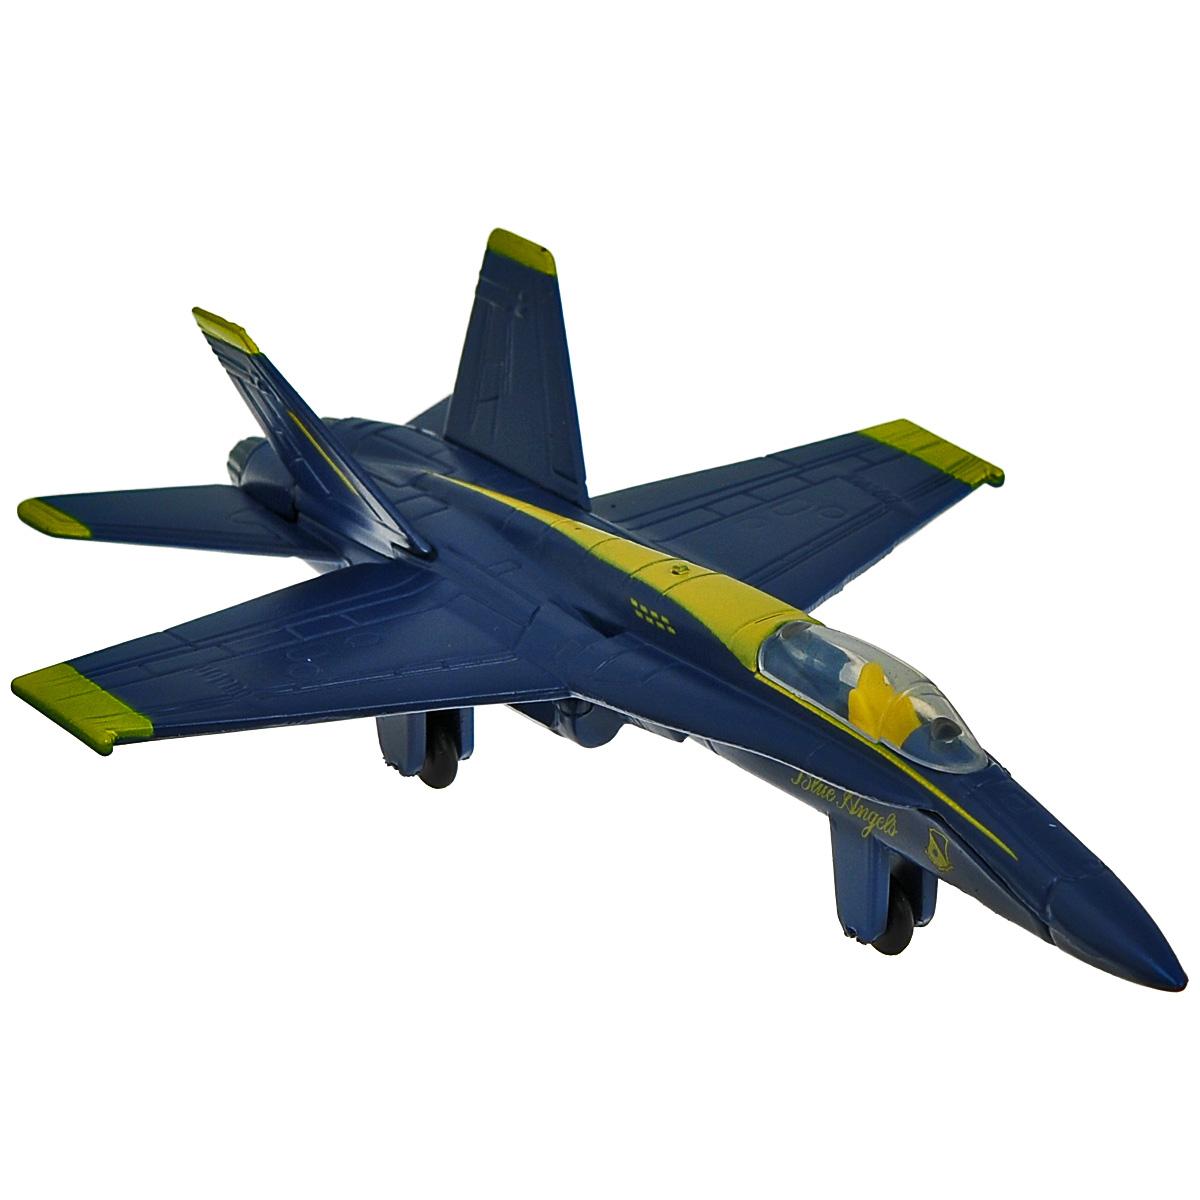 Модель самолета MotorMax Boeing F/A-18 Hornet, цвет: синий, желтый. Масштаб 1/10077006/ast77300Модель самолета MotorMax Boeing F/A-18 Hornet станет хорошим подарком для ребенка, который увлекается авиацией. Она имеет отличную детализацию и является уменьшенной копией настоящего американского самолета. Компания Motormax занимается производством масштабных моделей с 1997 года и завоевала популярность целой армии коллекционеров по всему миру. Серия самолетов масштаба 1:100 познакомит вас с продуктами авиационной промышленности разных стран. Вы познакомитесь с самолетами самых разных типов и эпох, среди них истребитель Локхид Мартин Ф-16 и палубный истребитель- бомбардировщик Боинг F/А 18 Хорнет, транспортный самолет времен второй мировой войны Боинг С-47 Скайтрейн и американский бомбардировщик P-47 Тандерболт, а также многие другие, не менее интересные экземпляры. Палубный истребитель-бомбардировщик F/A-18 Хорнет на сегодняшний день является одним из самых удачных современных боевых самолетов и основным боевым самолетом авиации ВМС США. Самолеты...